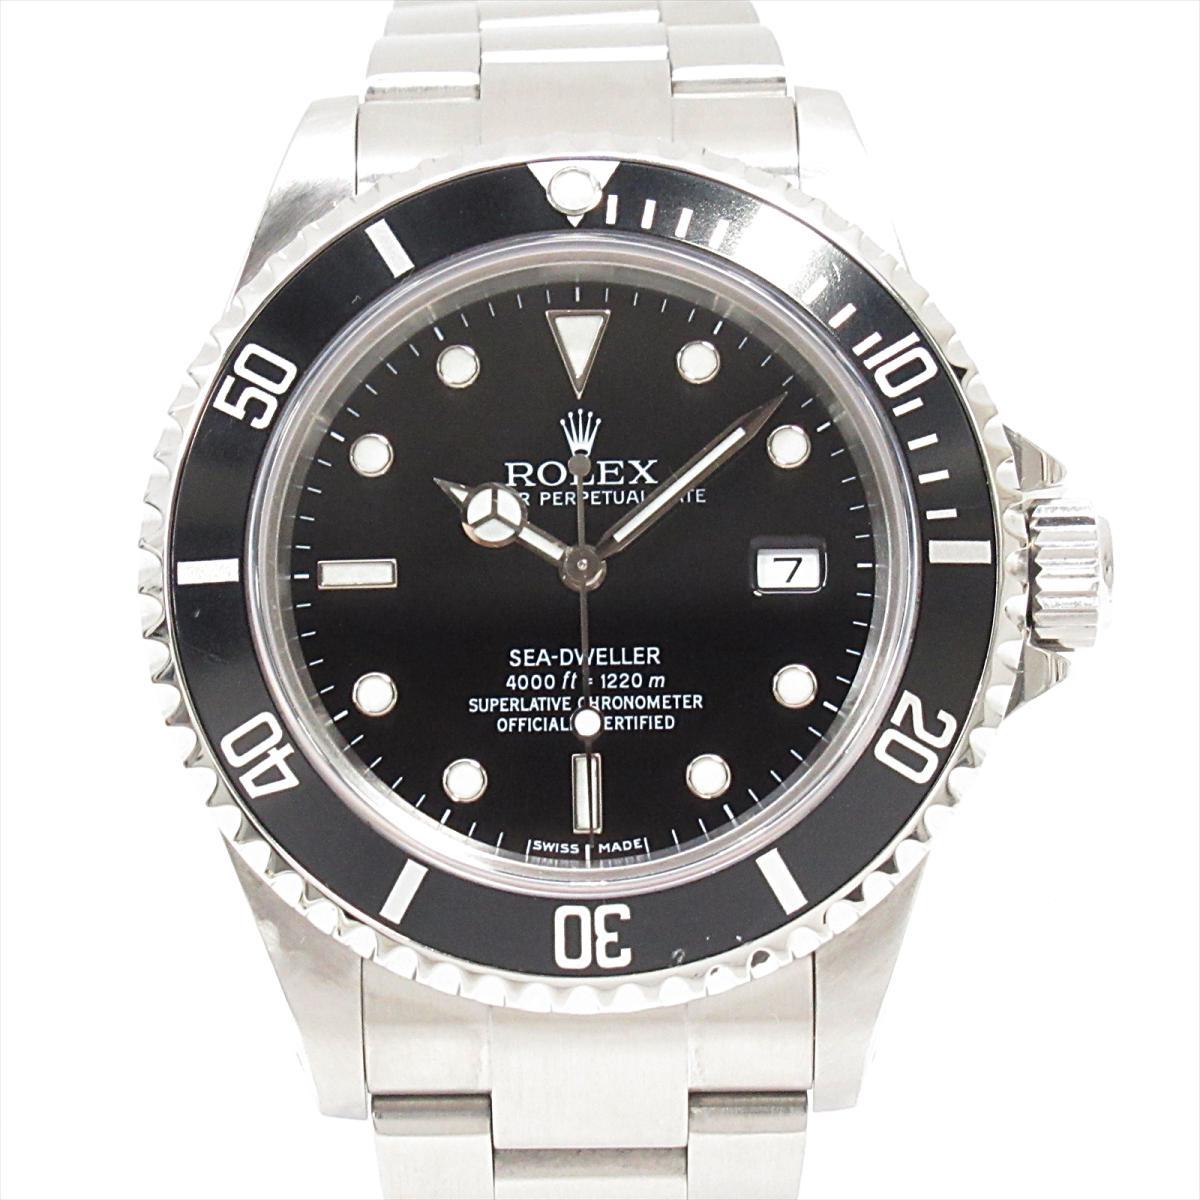 【中古】 ロレックス シードゥエラー ウォッチ 時計 メンズ ステンレススチール (SS) (16600)   ROLEX BRANDOFF ブランドオフ ブランド ブランド時計 ブランド腕時計 腕時計